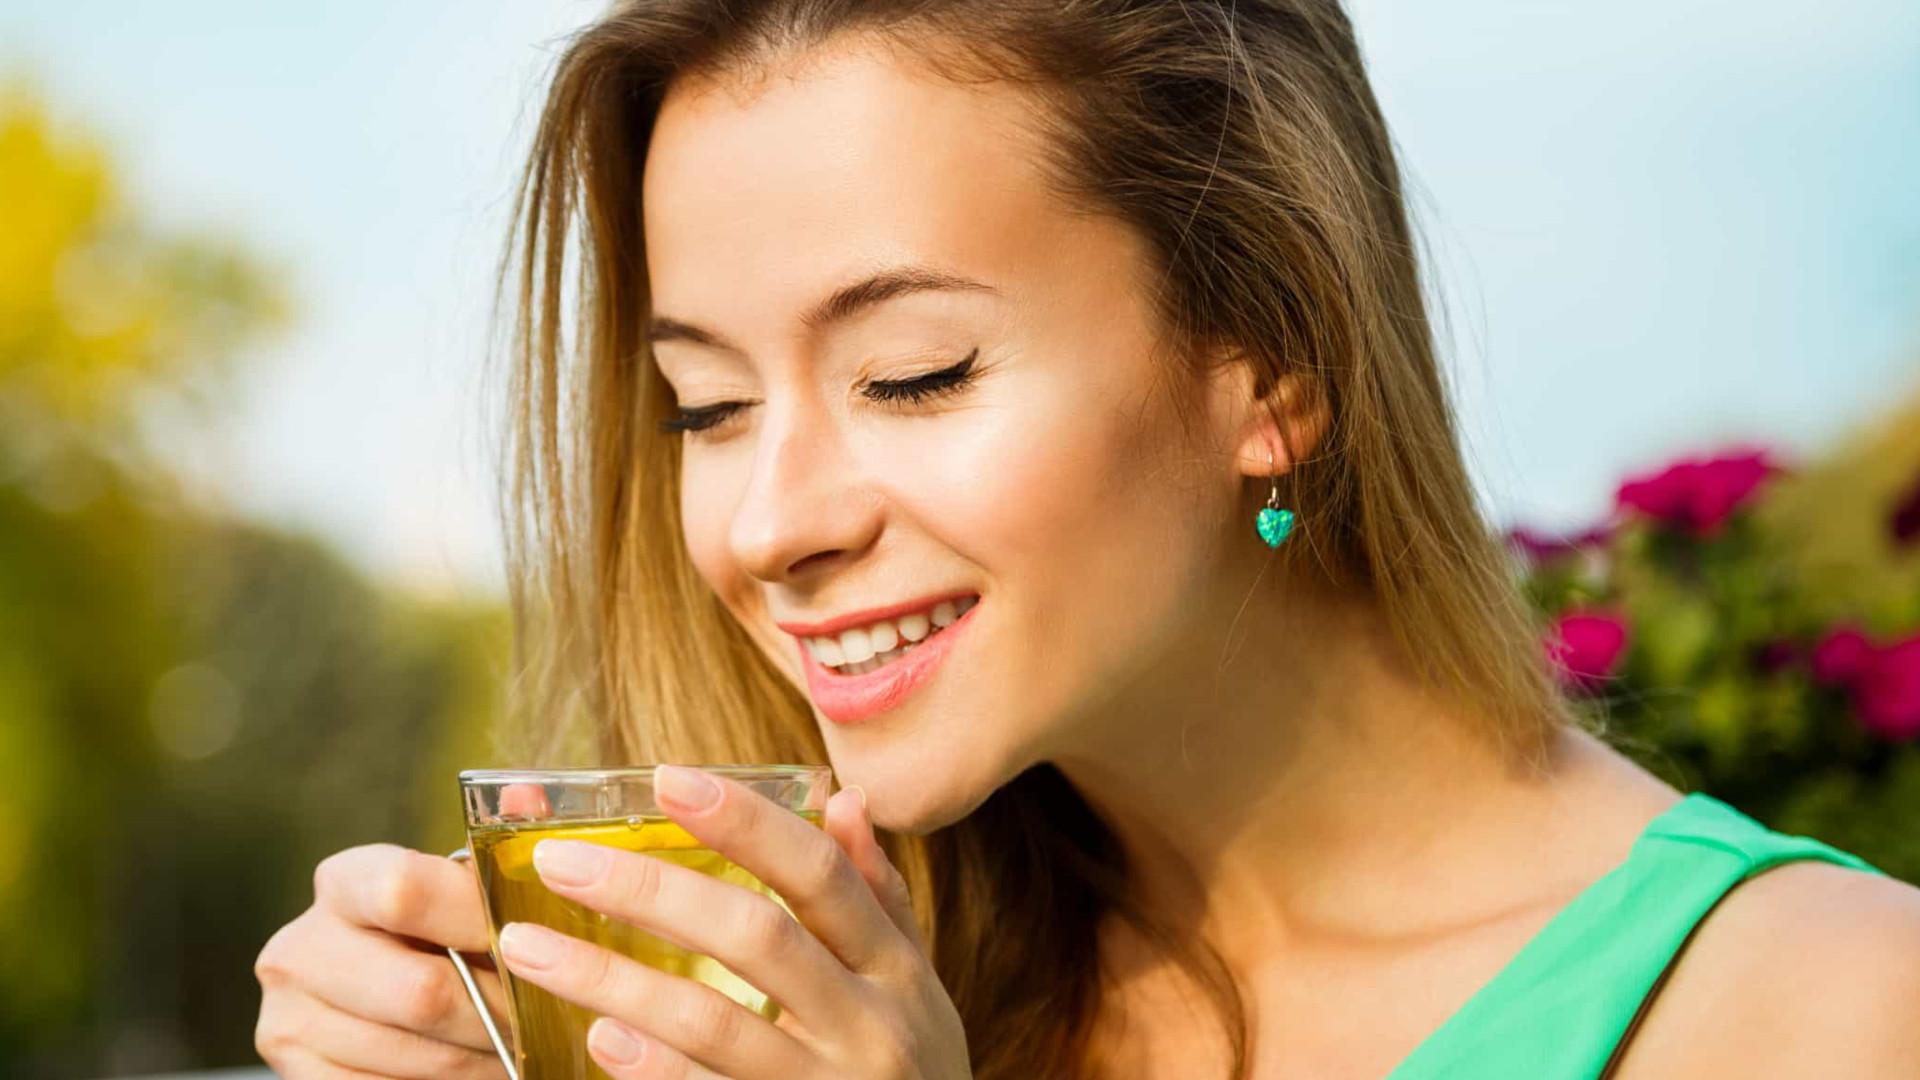 Mulheres que bebem chá 4 vezes por semana podem prevenir esta condição